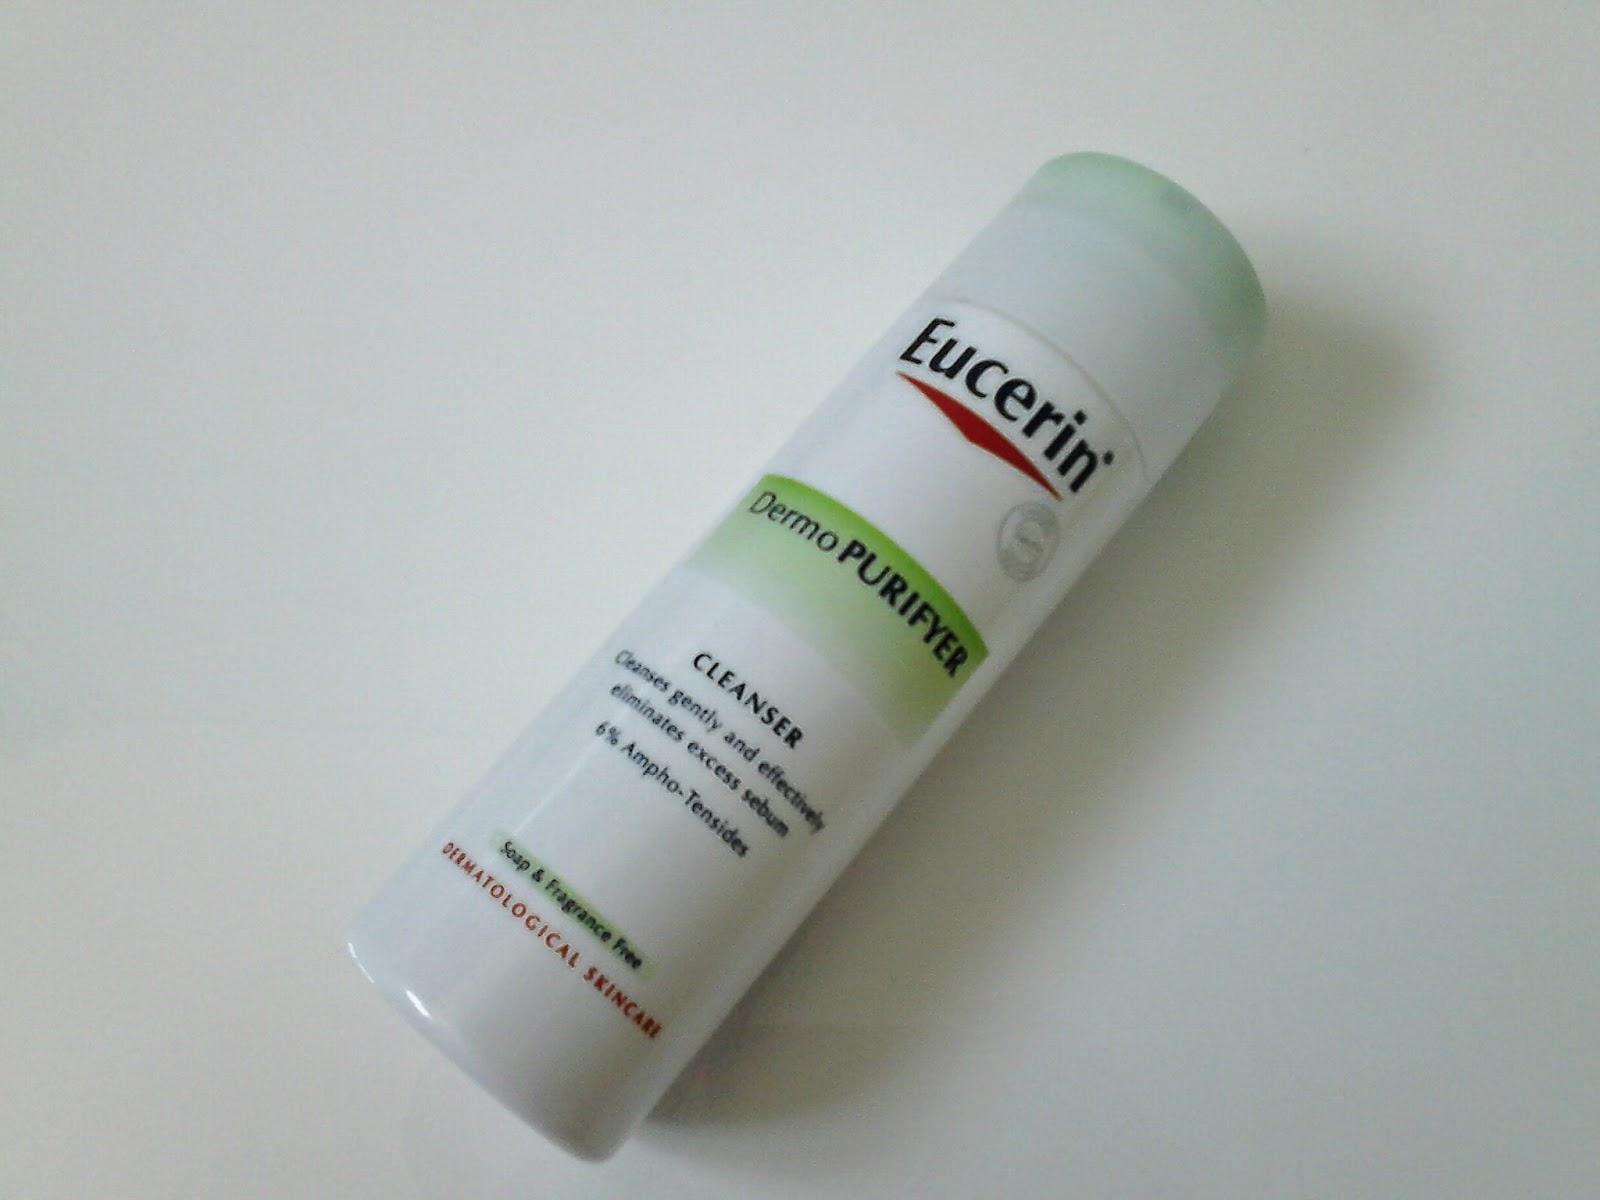 Eucerin DermoPurifyer Cleanser